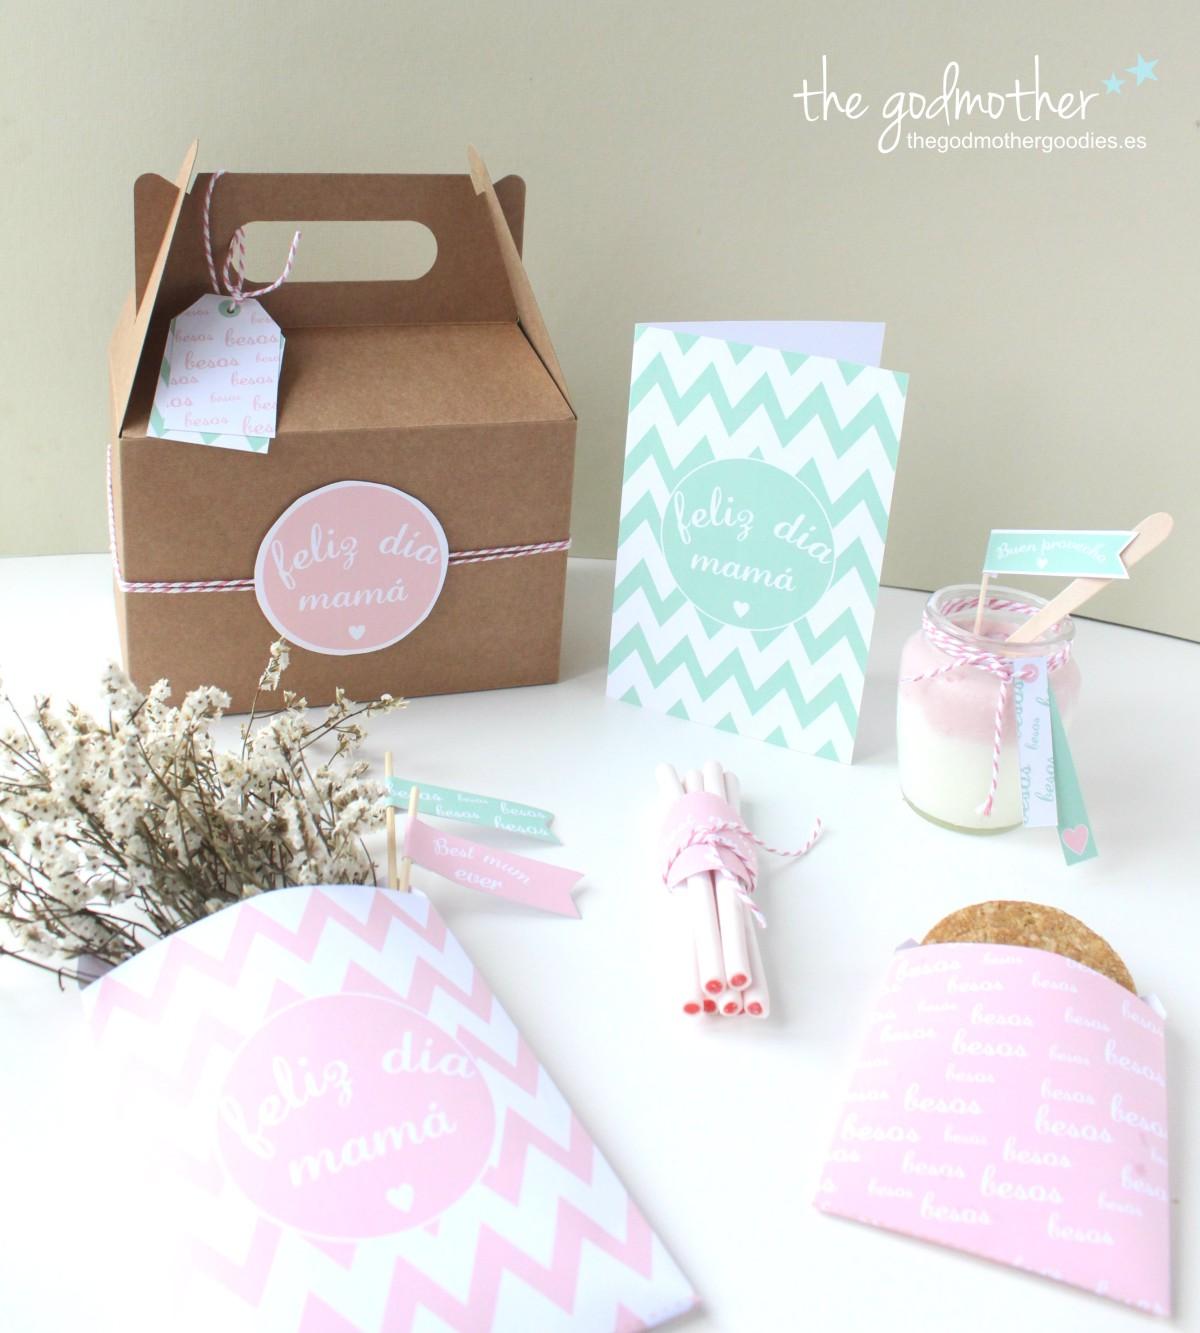 imprimible día de la madre - regalo día de la madre - kit día de la mandre 6